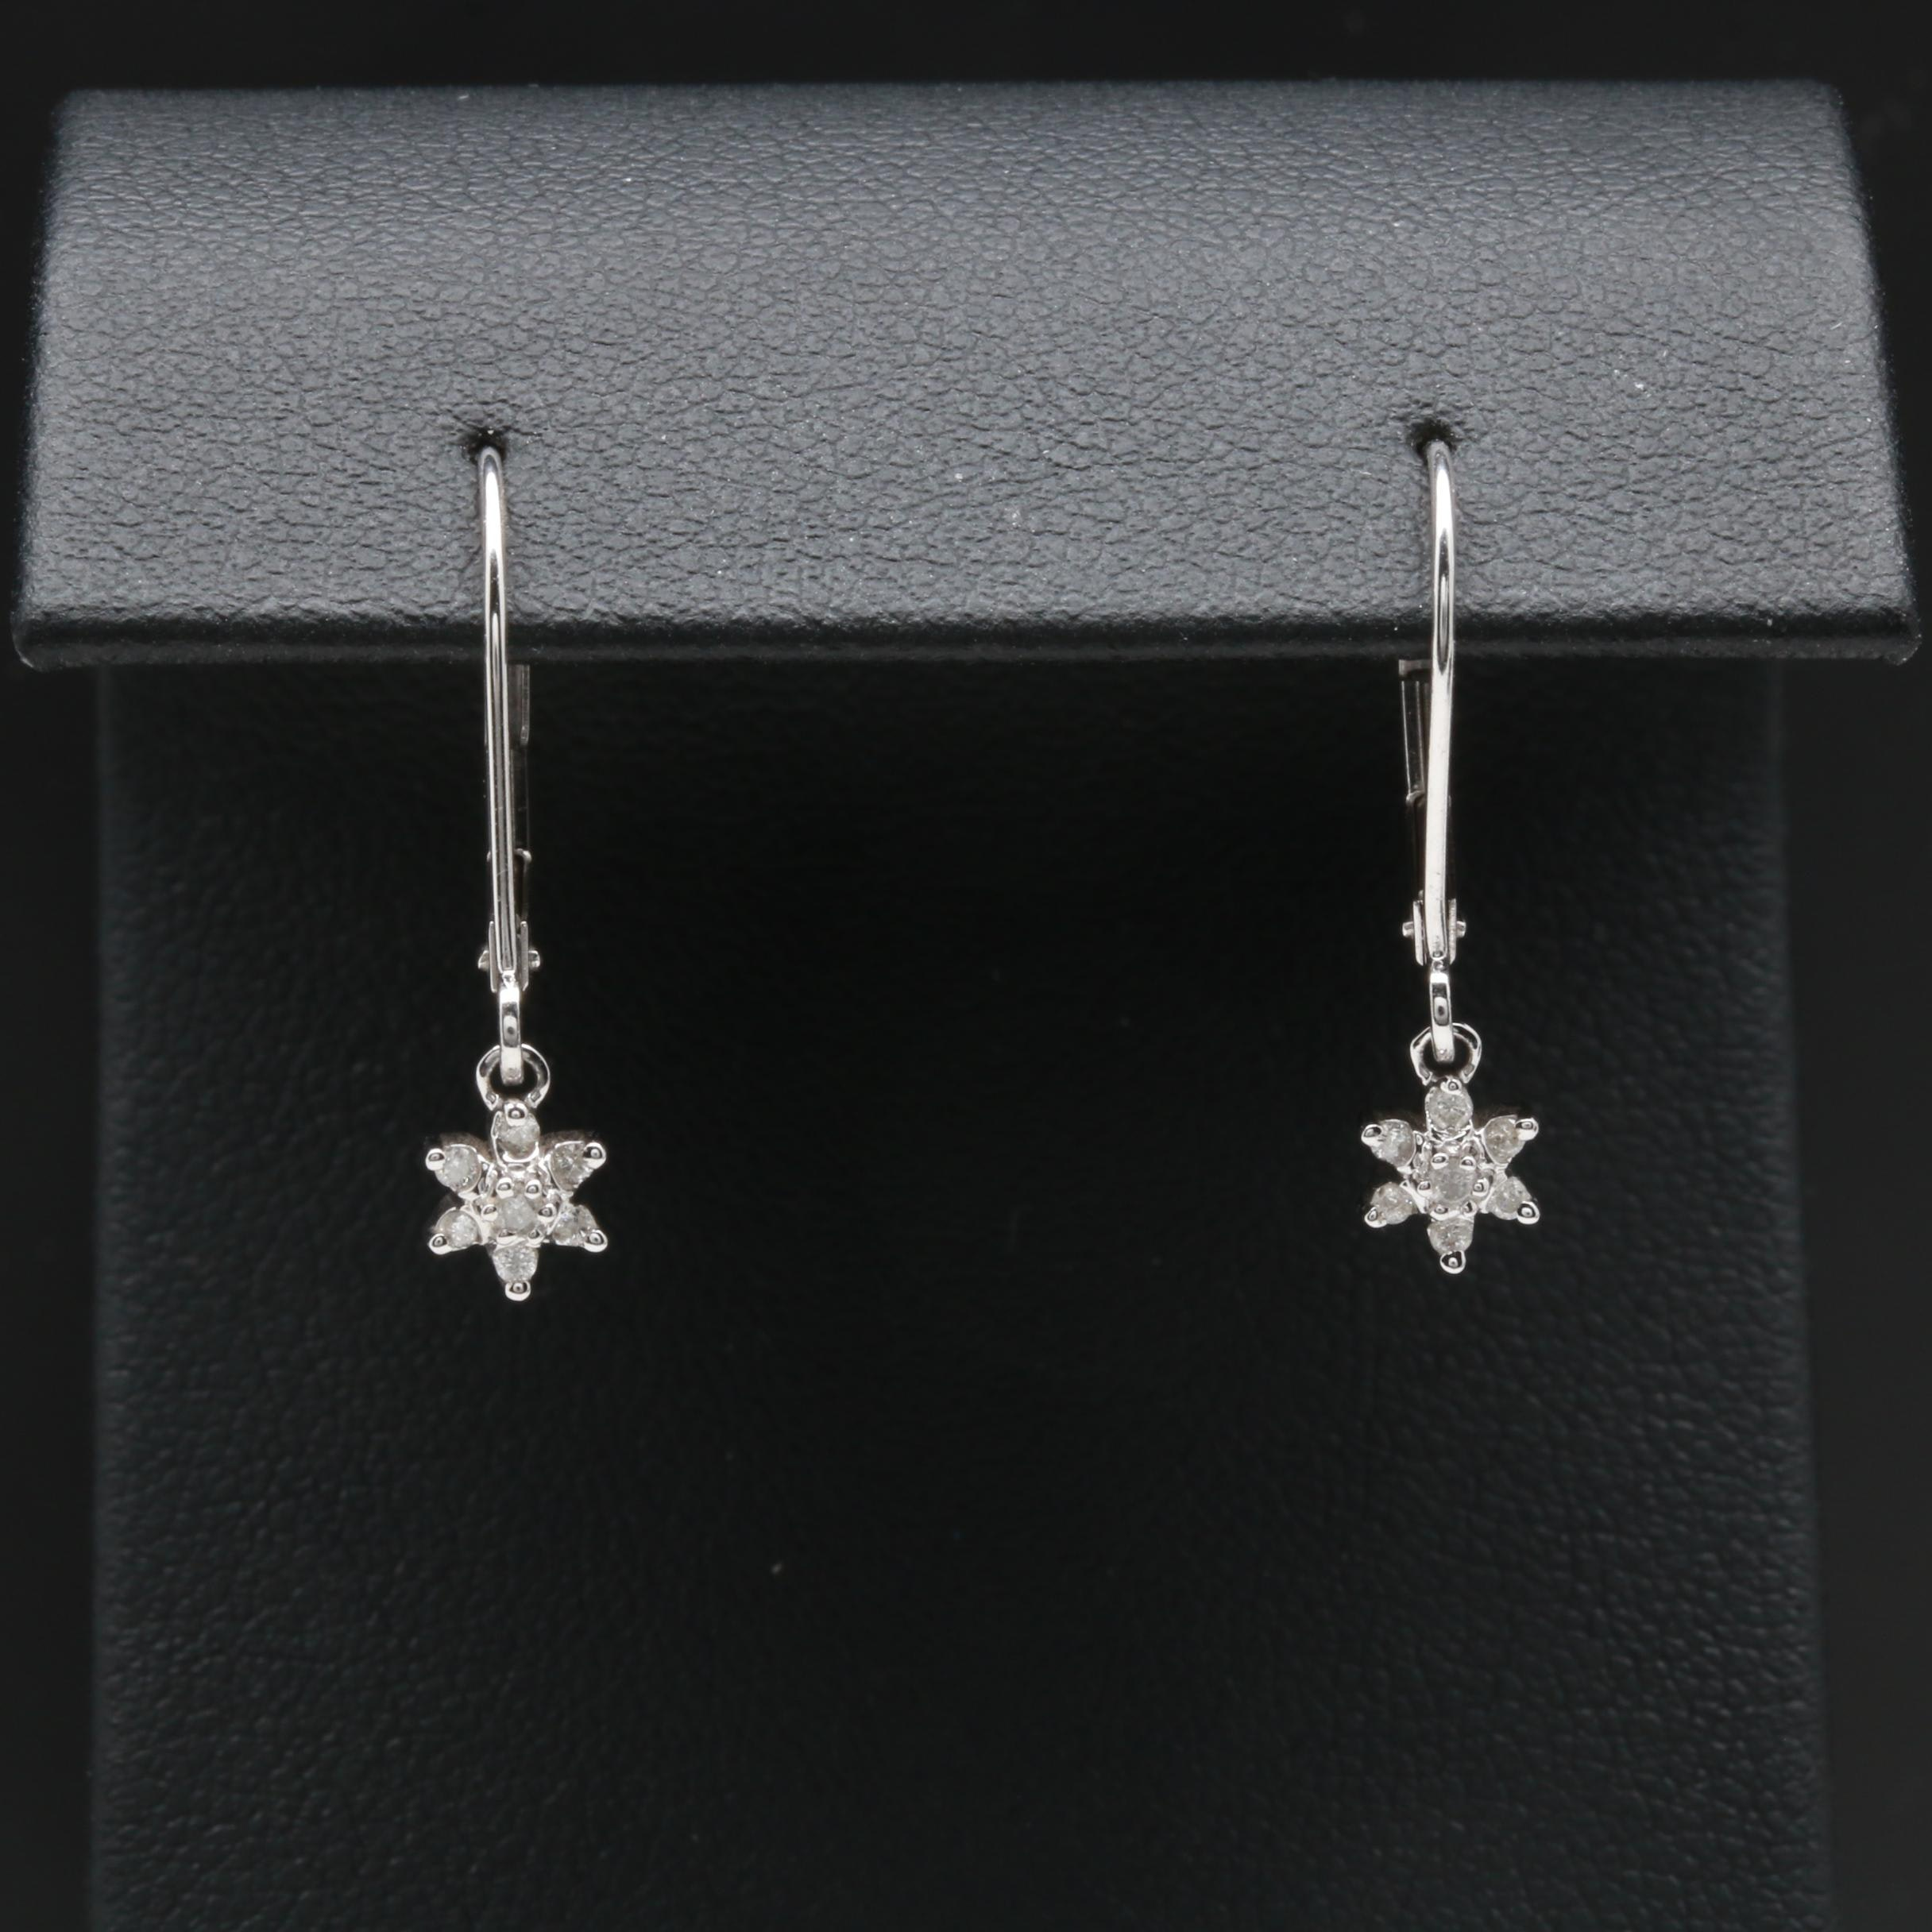 10K White Gold Diamond Flower Dangle Earrings